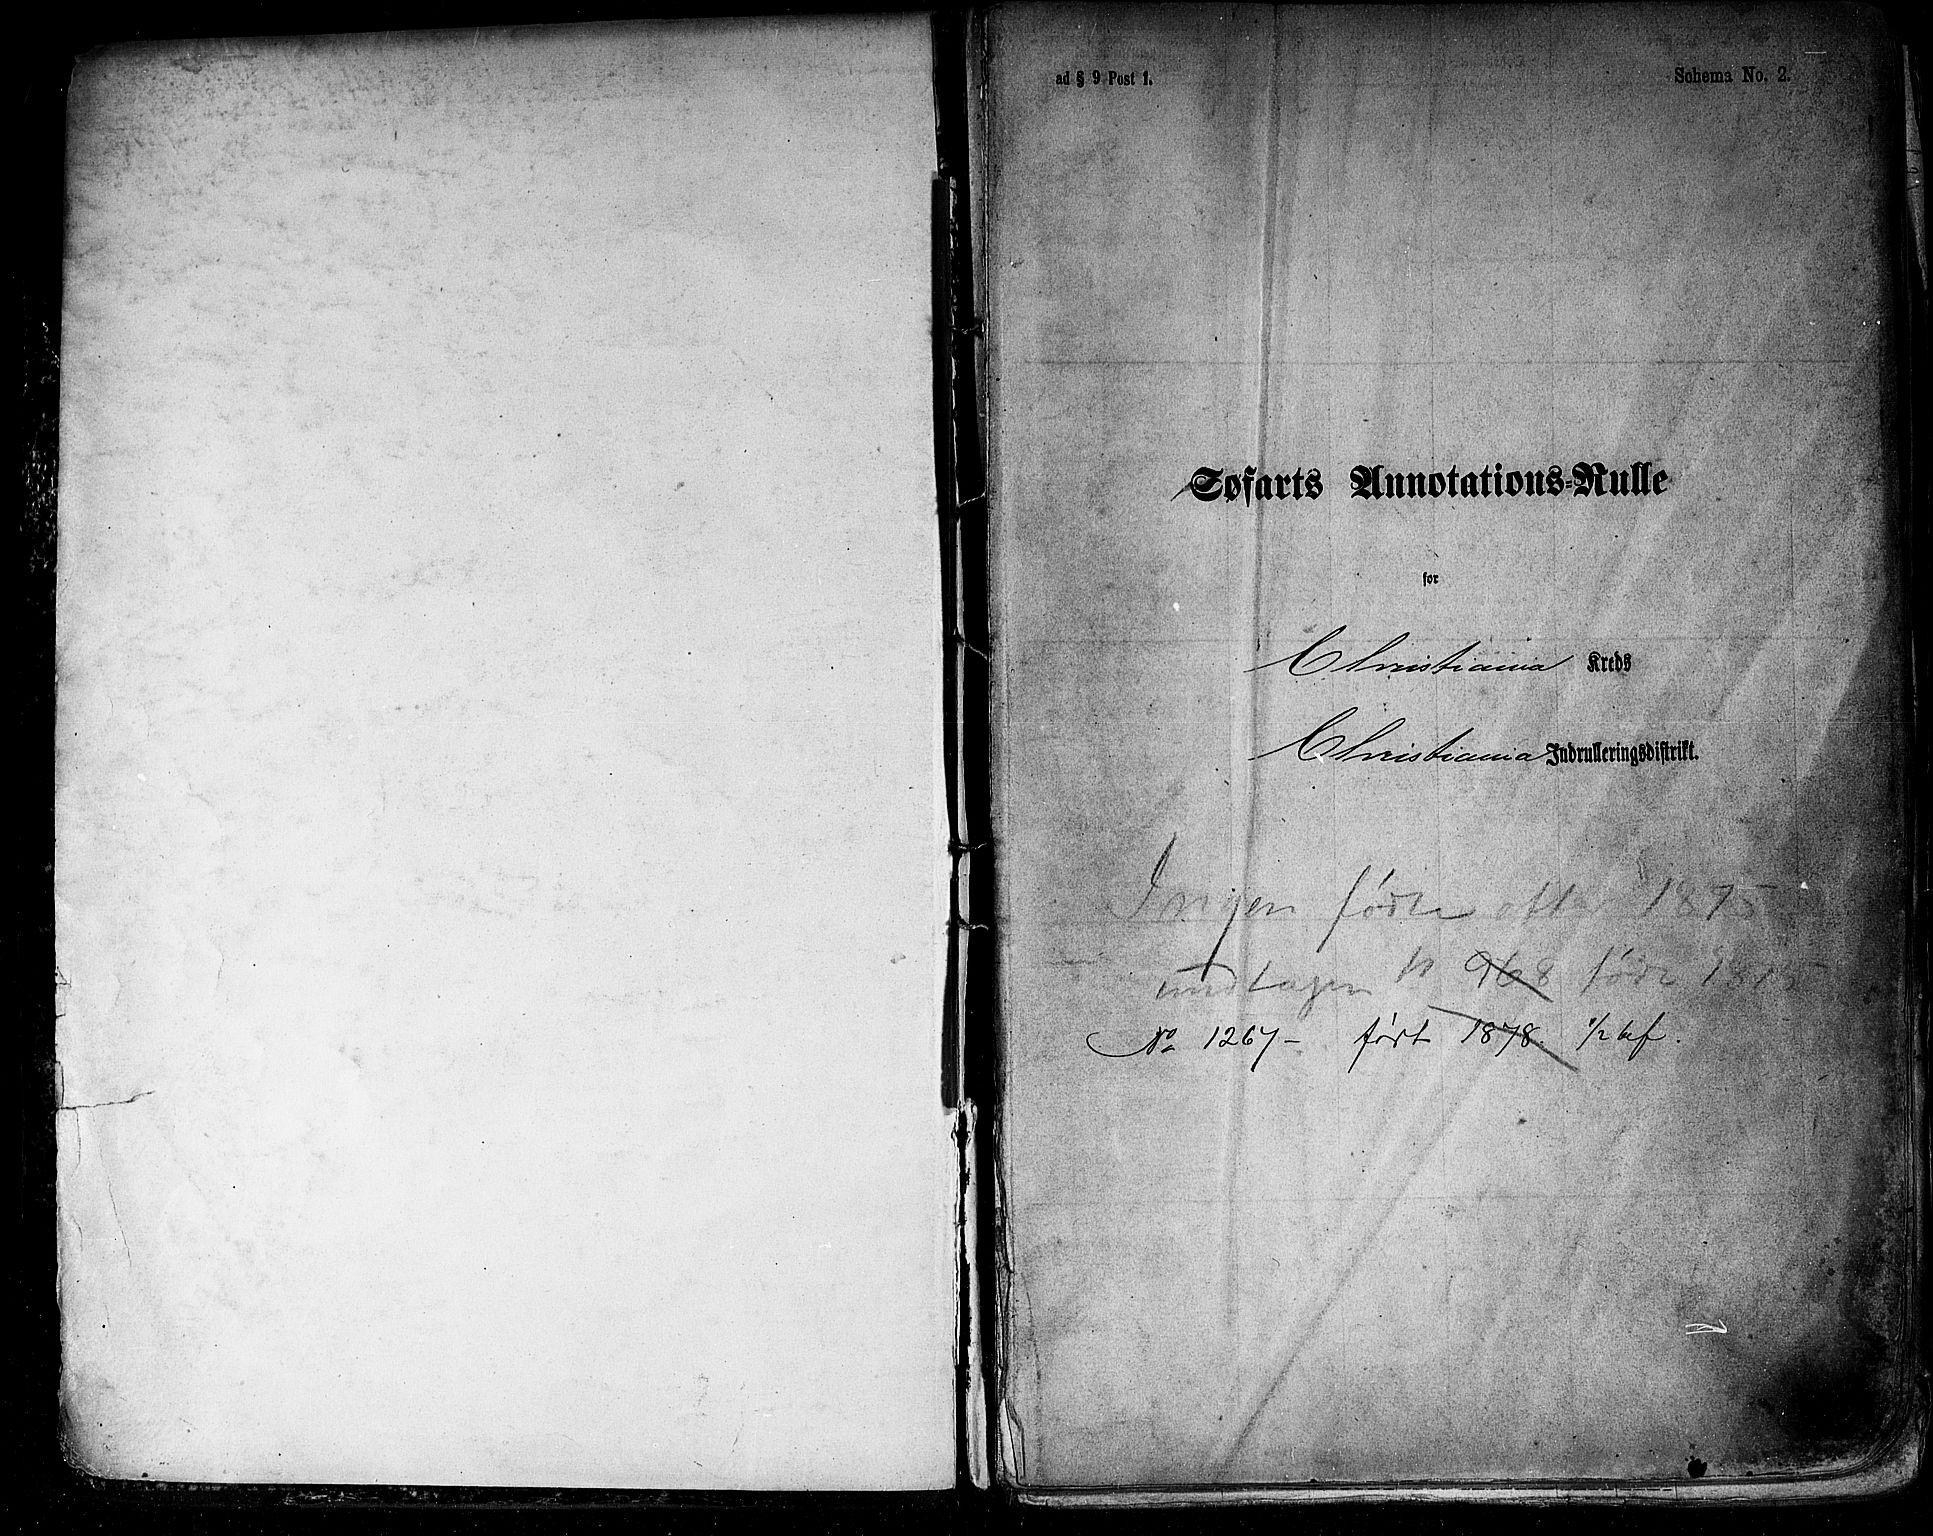 SAO, Oslo mønstringskontor, F/Fc/Fca/L0001: Annotasjonsrulle, 1866-1881, s. upaginert